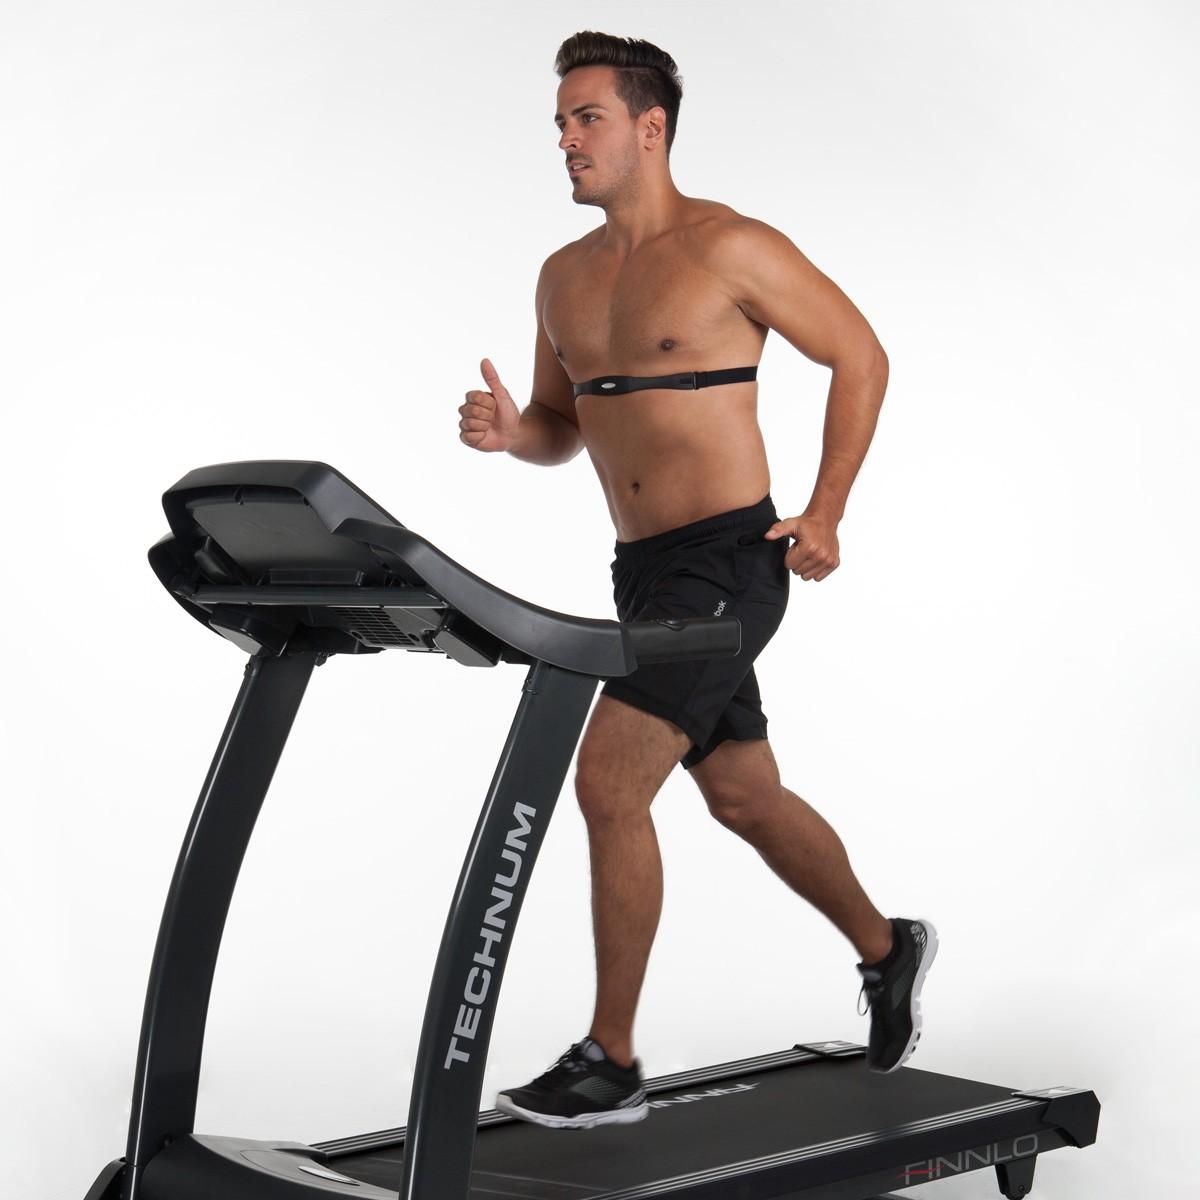 Finnlo By Hammer Treadmill Technum Buy Now